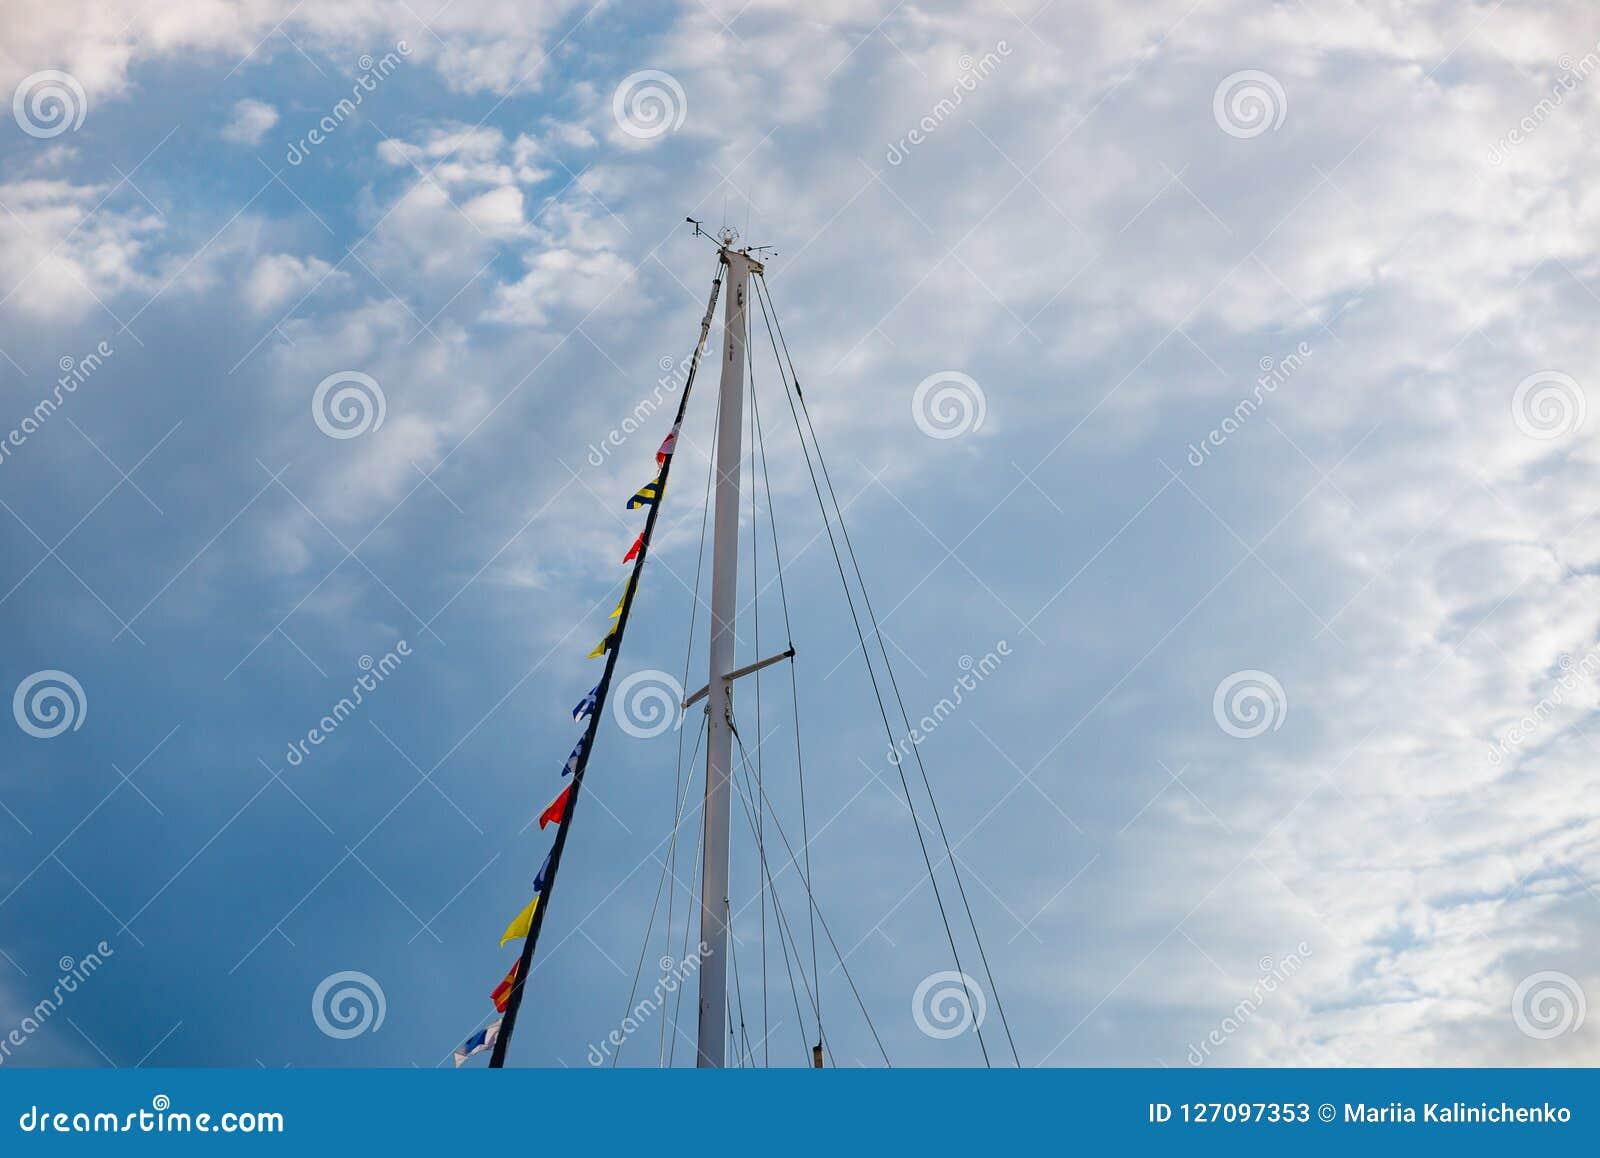 Jachtmasten met feestelijke vlaggen tegen blauwe hemel met wolken